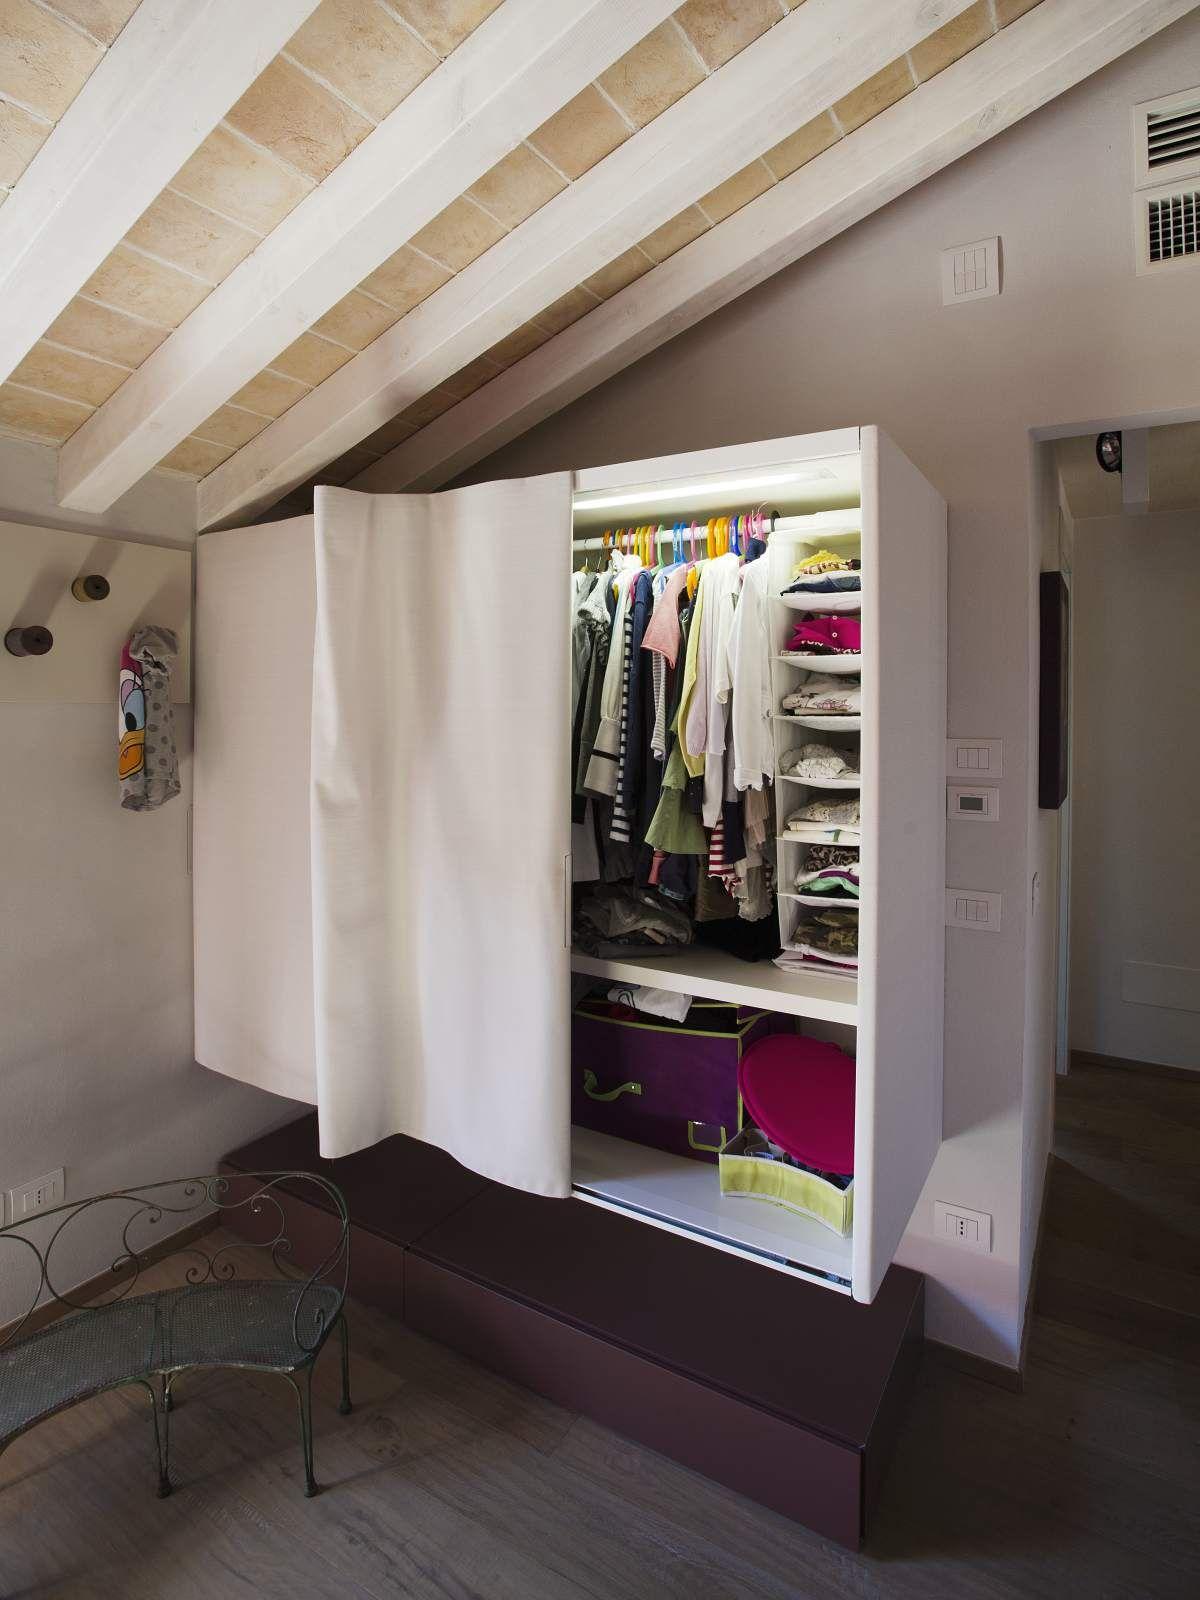 Appartamento Lago Rimini Disenos de unas, Interiores, Casas